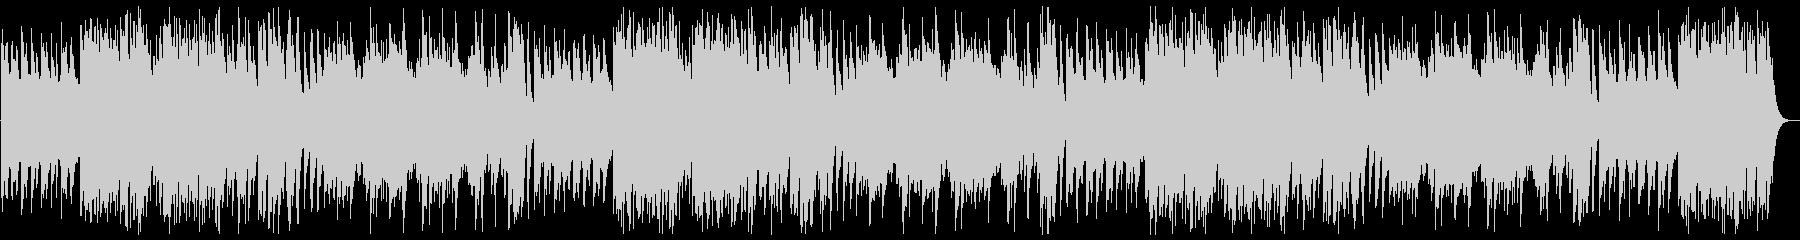 優しい音階のハンドベルのオルゴールの曲の未再生の波形